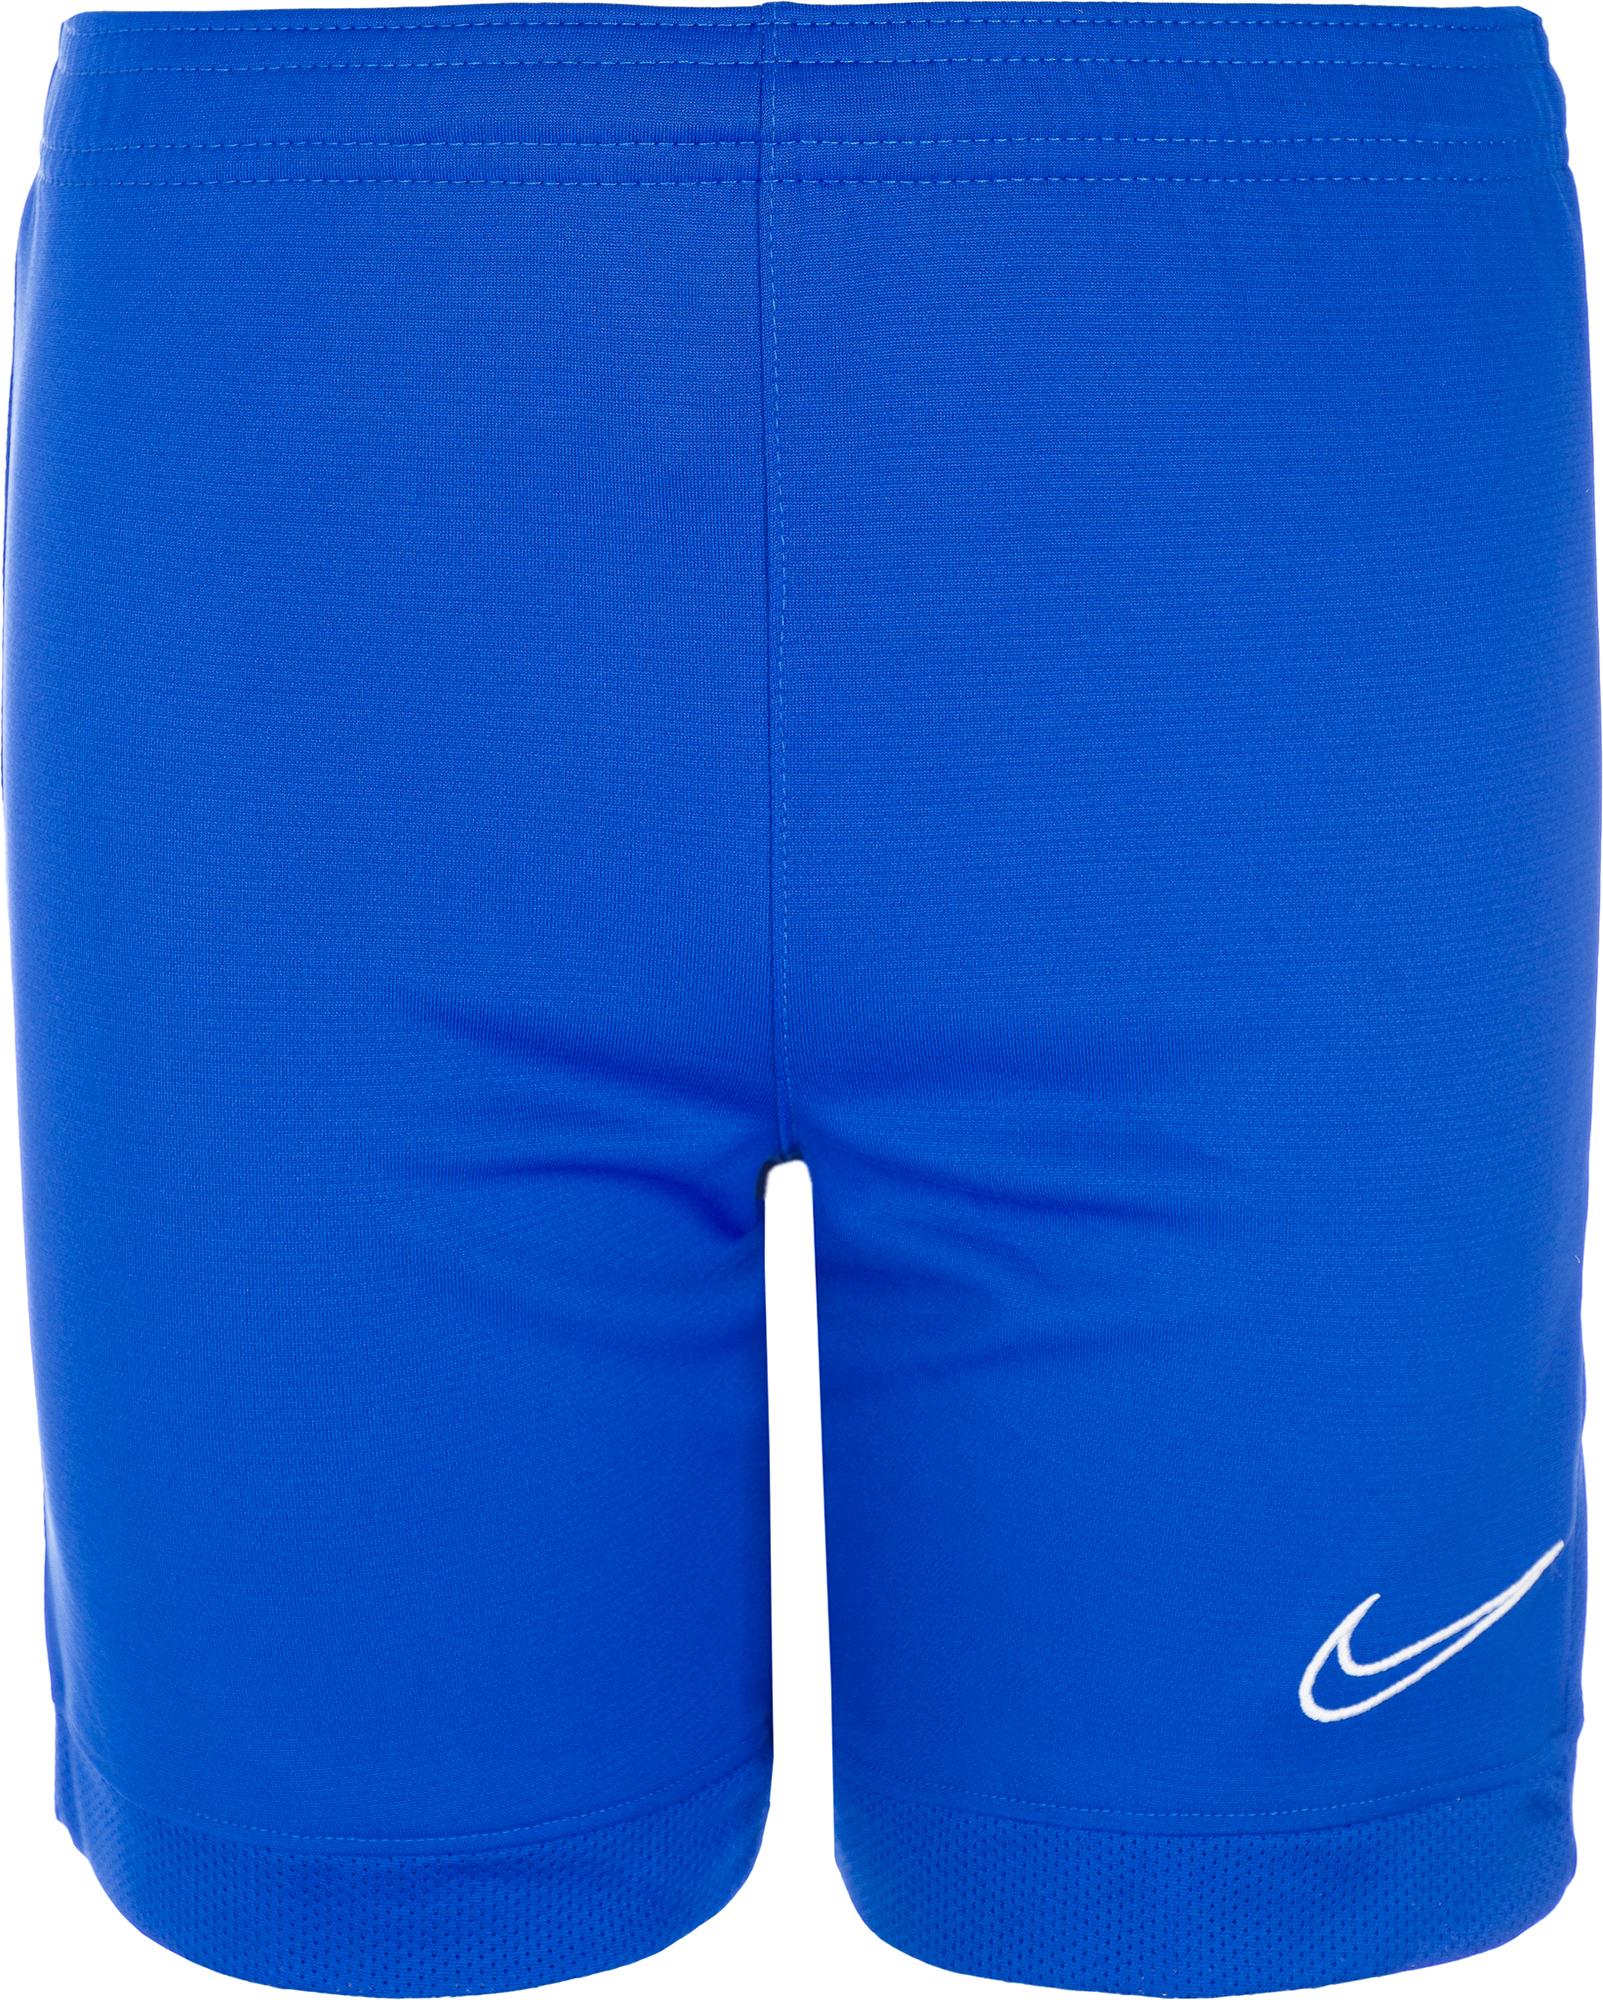 Nike Шорты для мальчиков Nike Dri-FIT Academy, размер 147-158 недорого